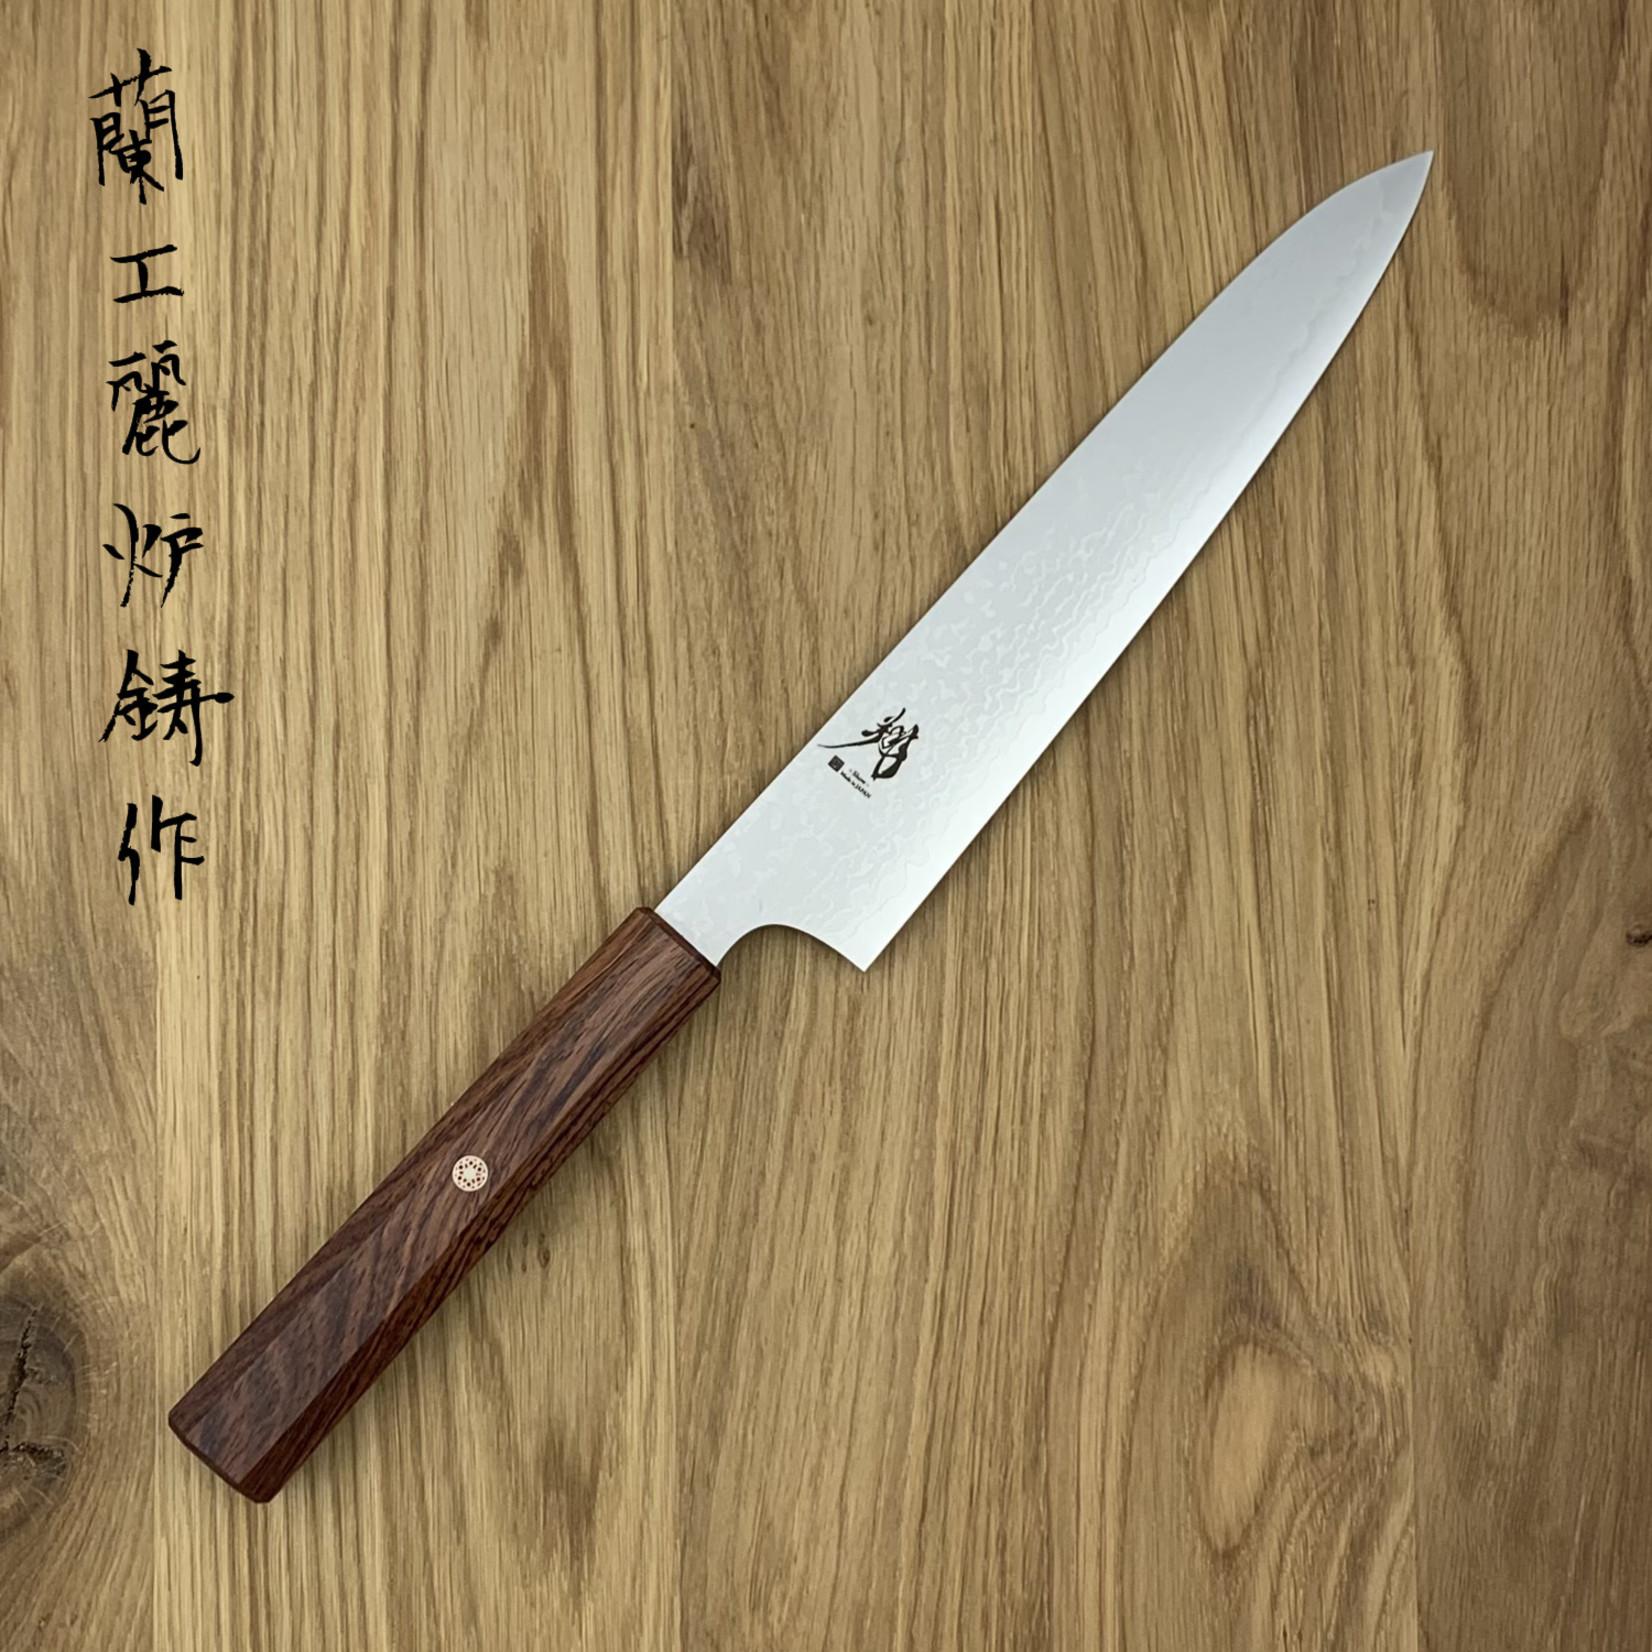 NENOHI Show Damascus Slicer 195mm